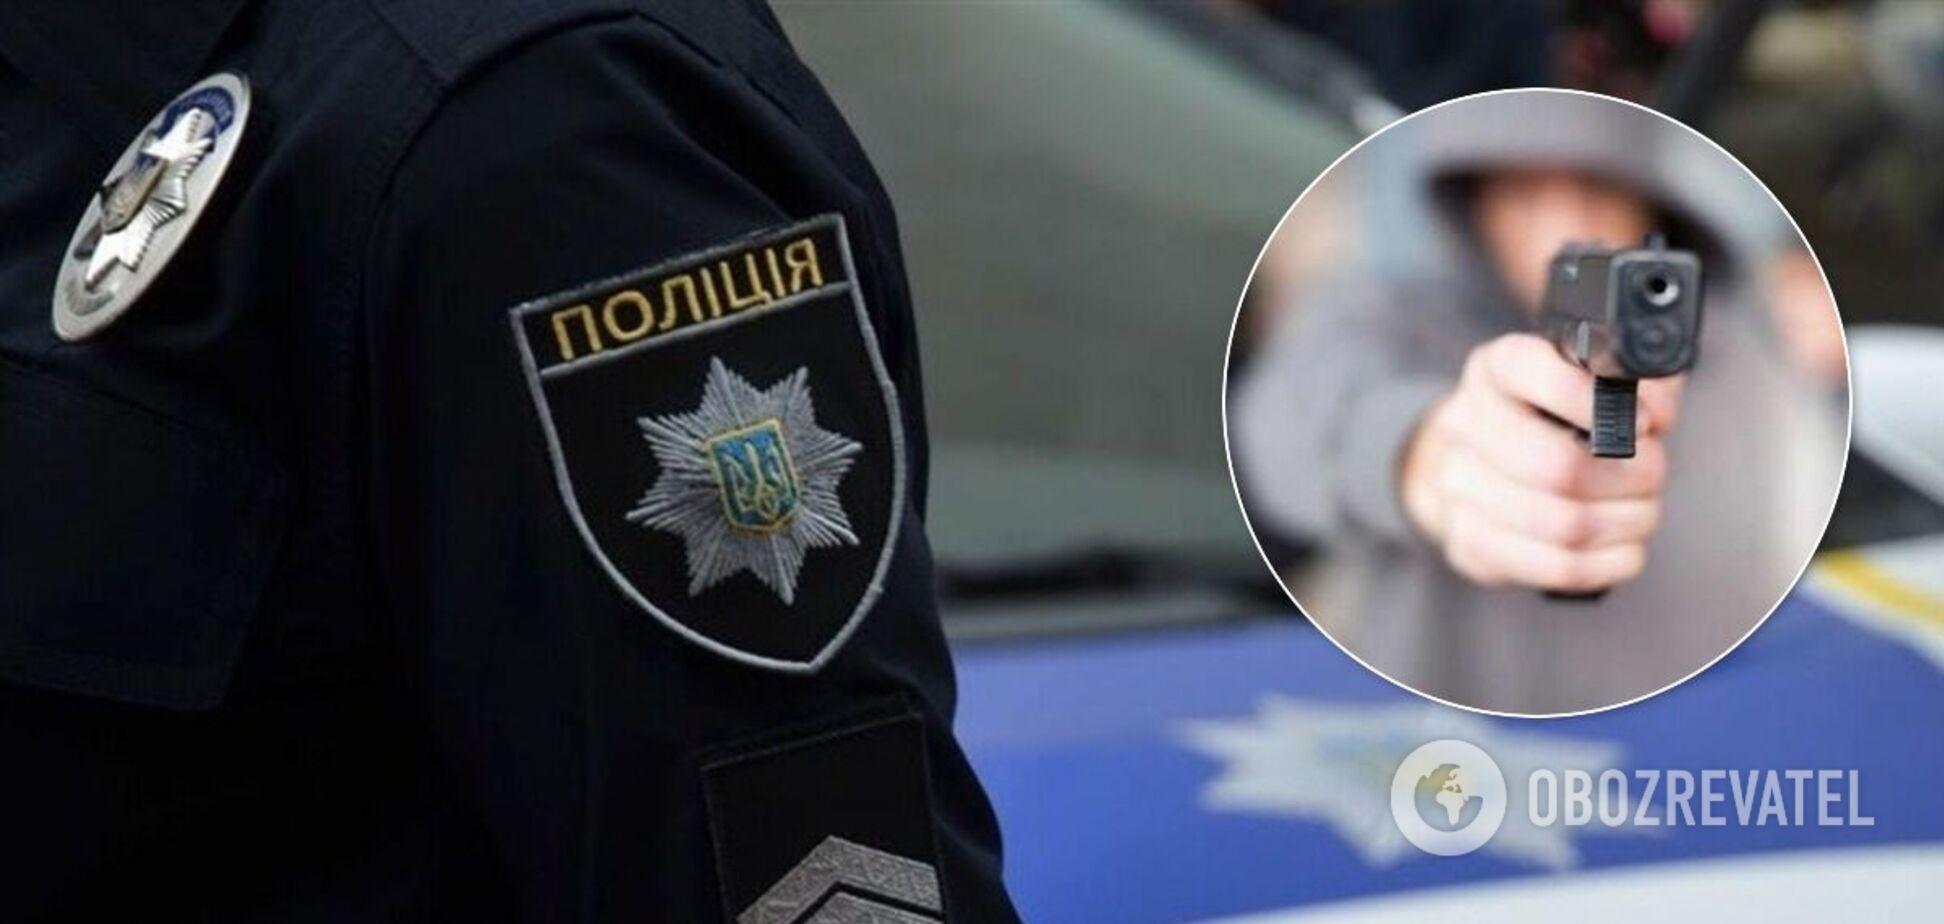 На Одещині 14-річний відкрив стрілянину по підлітках на дитячому майданчику. Фото